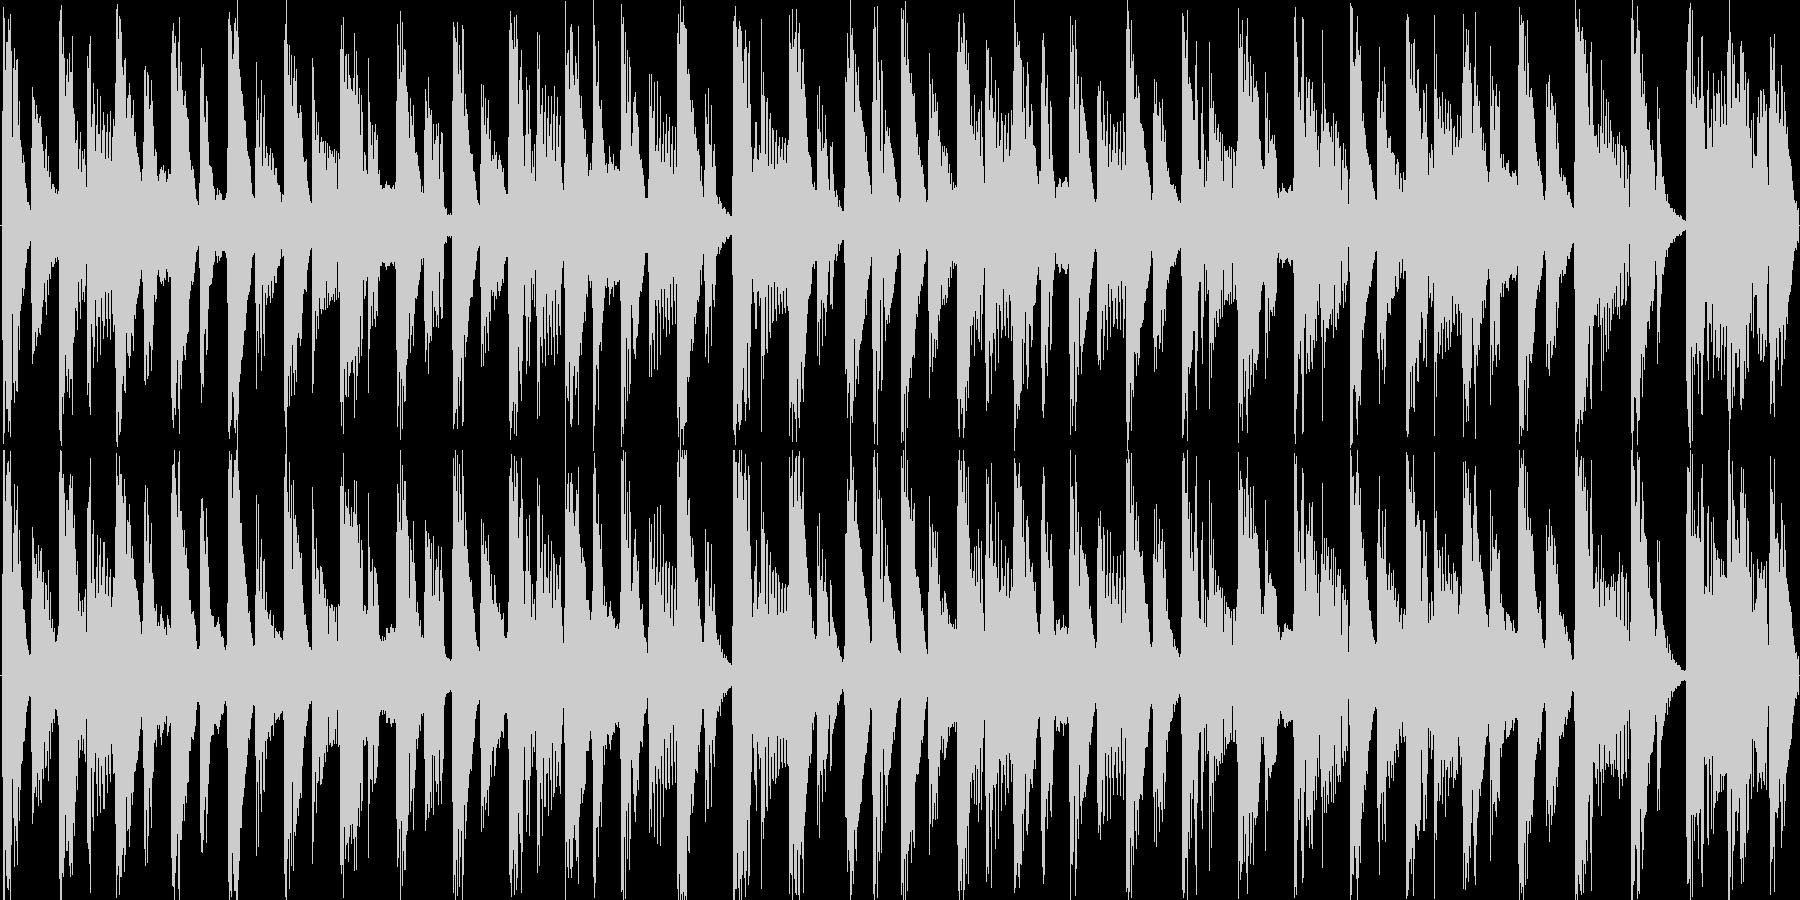 明るい雰囲気の短めのループ楽曲です。の未再生の波形